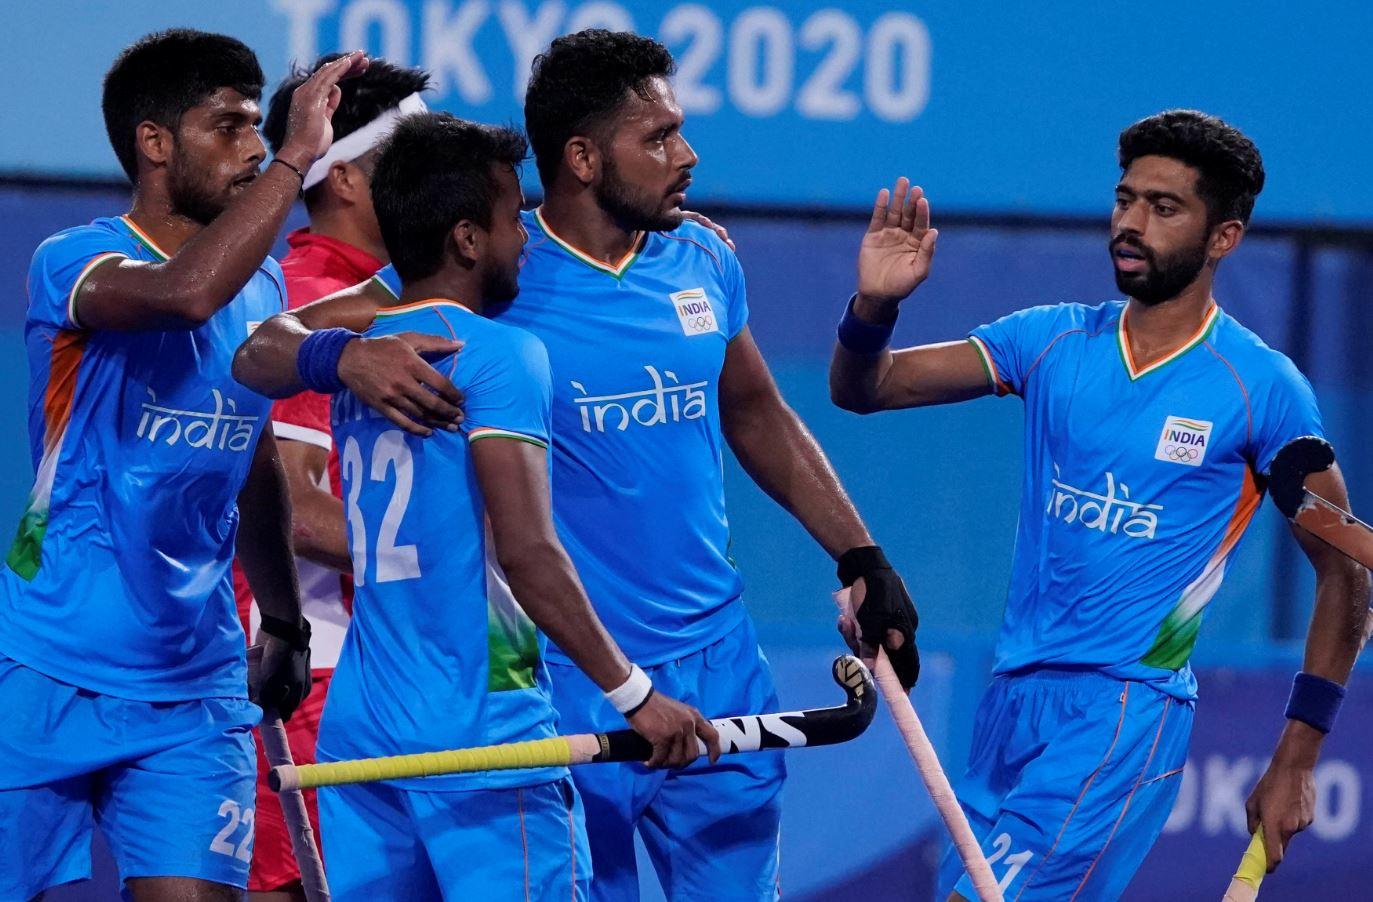 India vs Belgium Hockey: हॉकी के सेमीफाइनल में बेल्जियम से 5-2 से हारा भारत, ब्रॉन्ज की उम्मीद है बरकरार